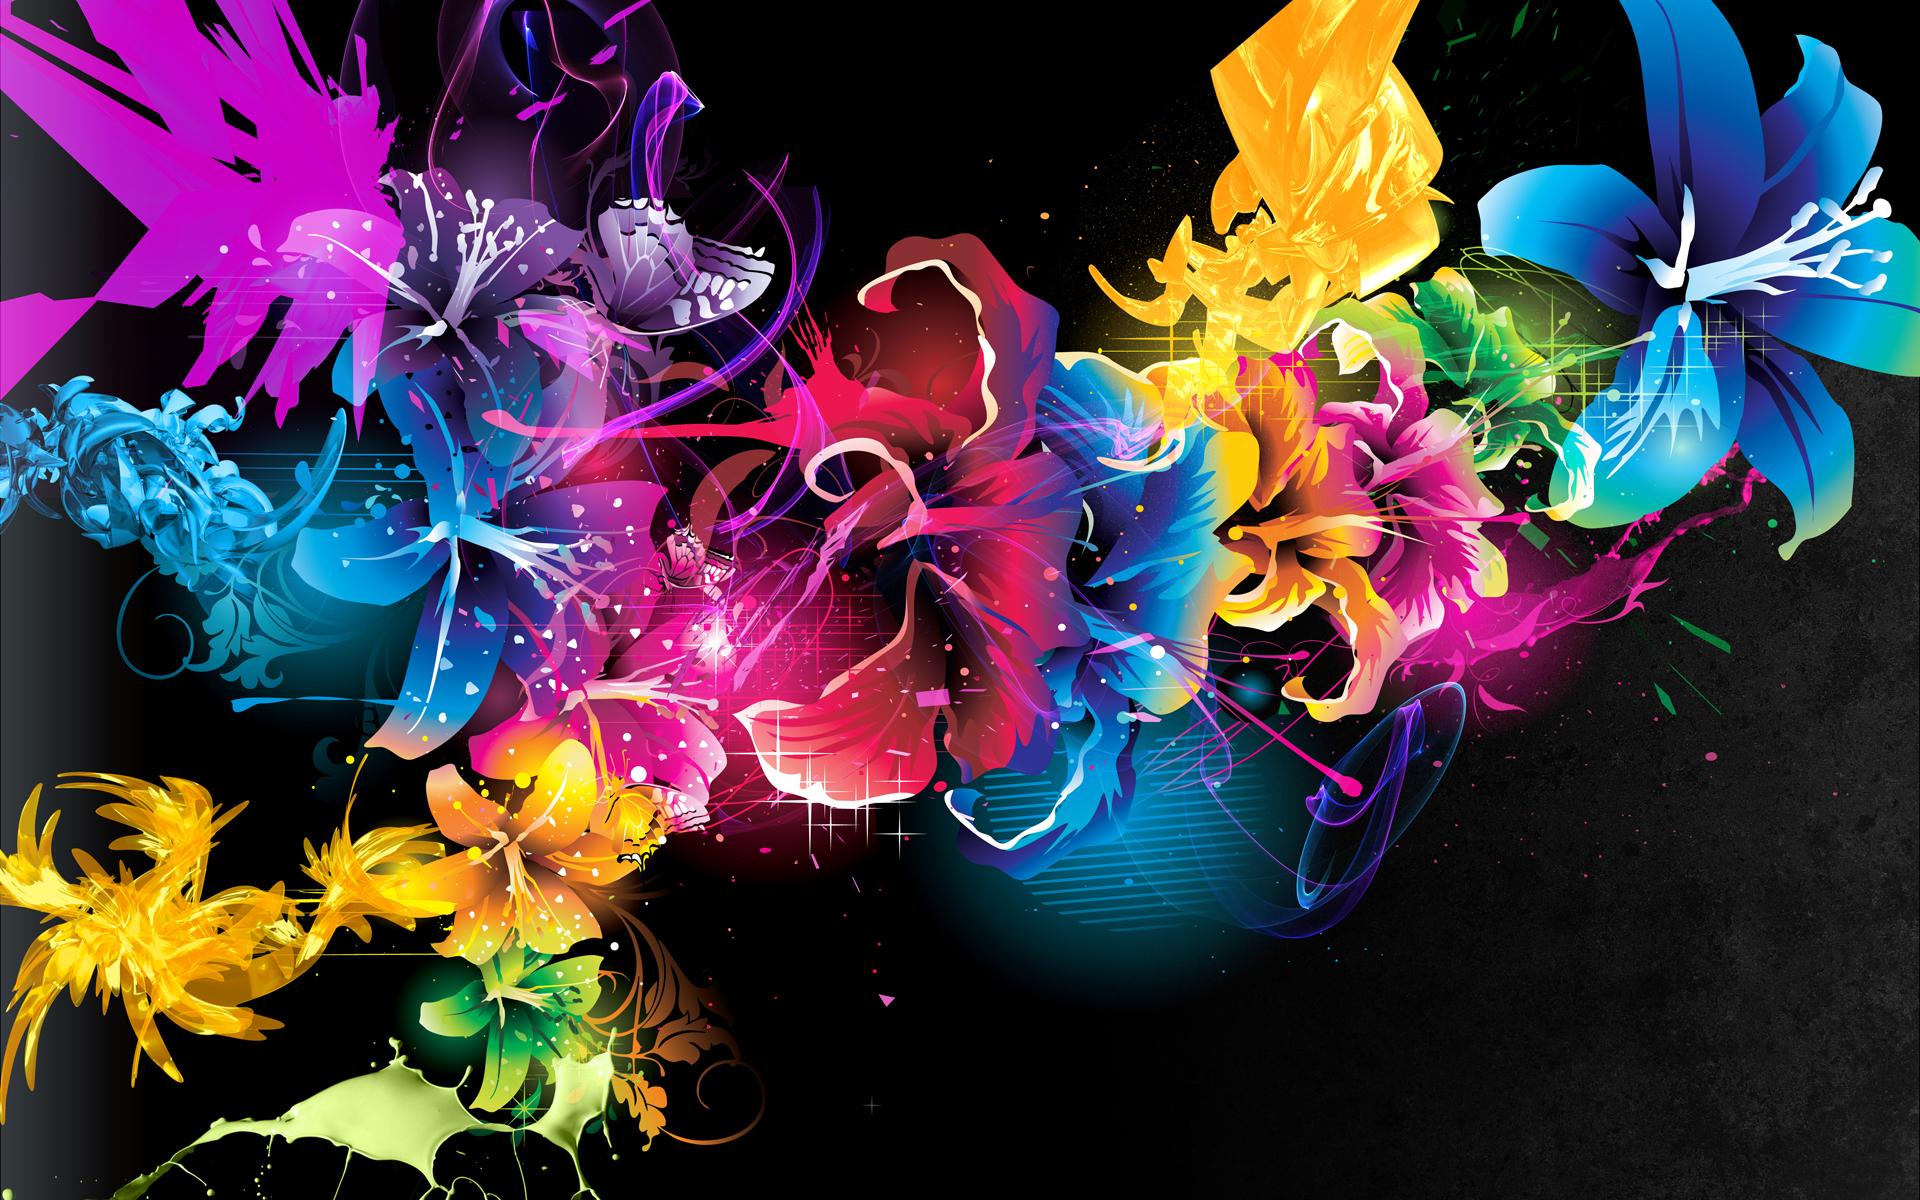 Картинки яркие краски света на темном экране